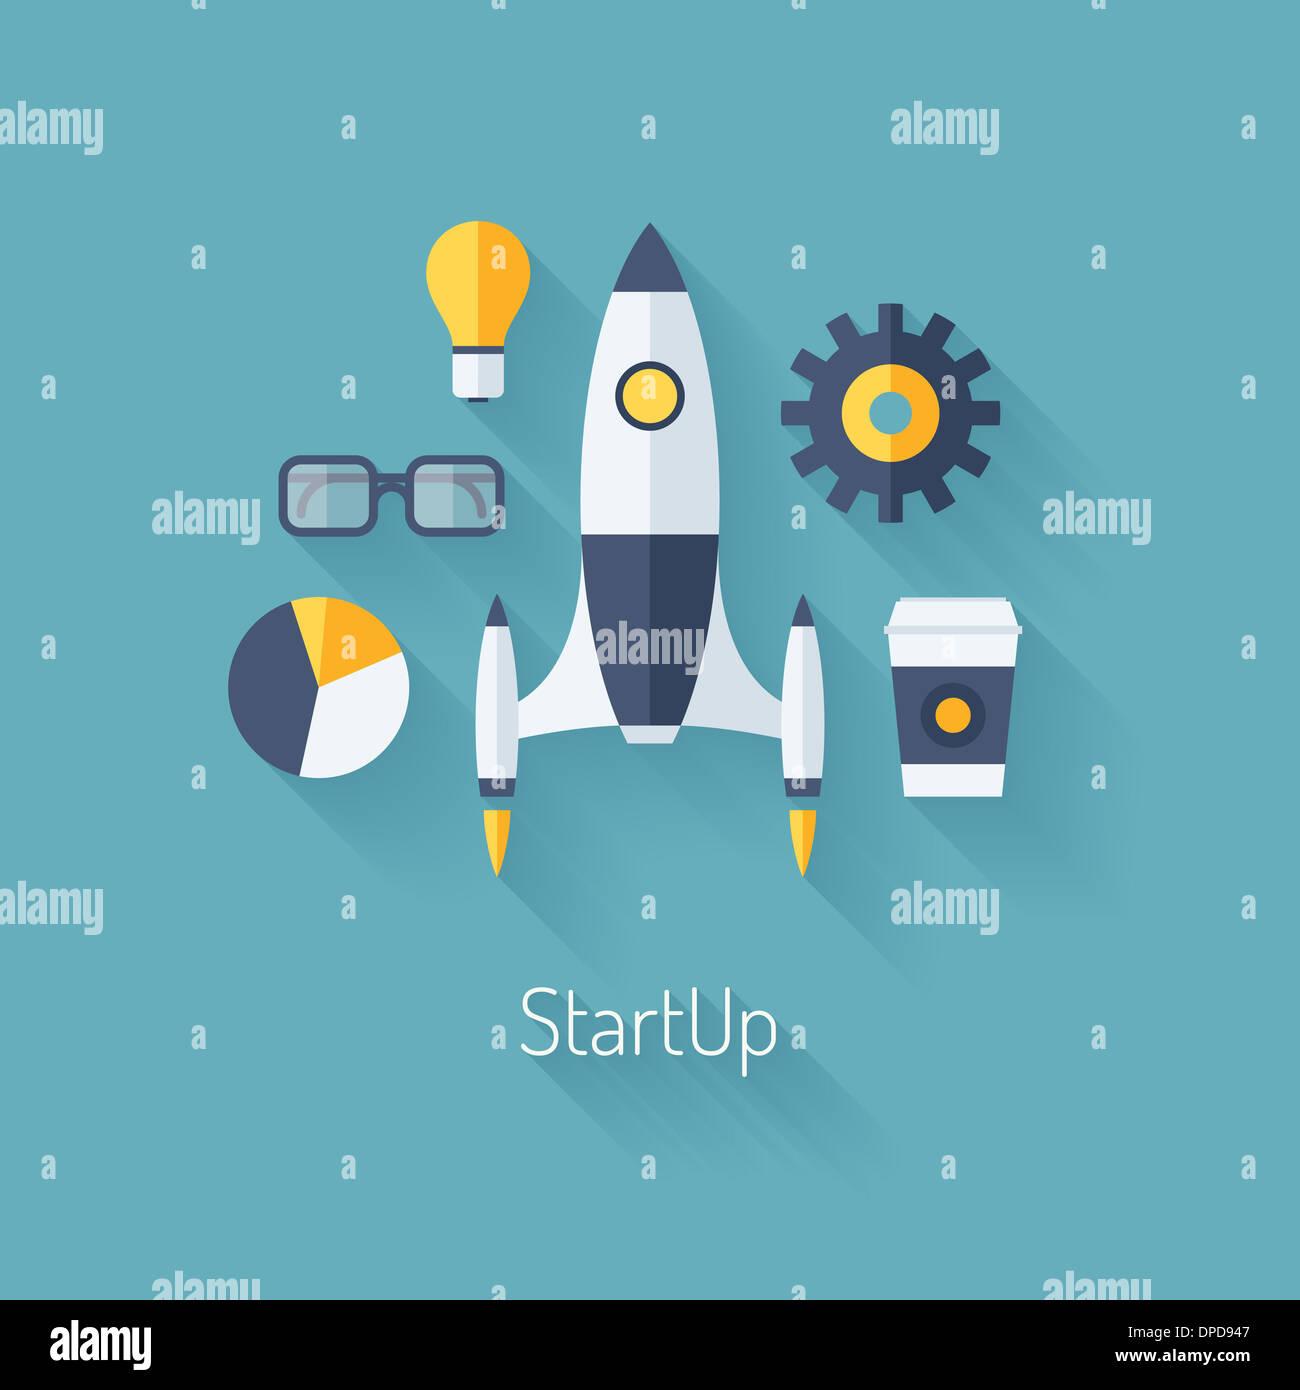 Flaches Design moderne Illustration Konzept neue Business Start Projektentwicklung und Einführung eines neuen Stockbild